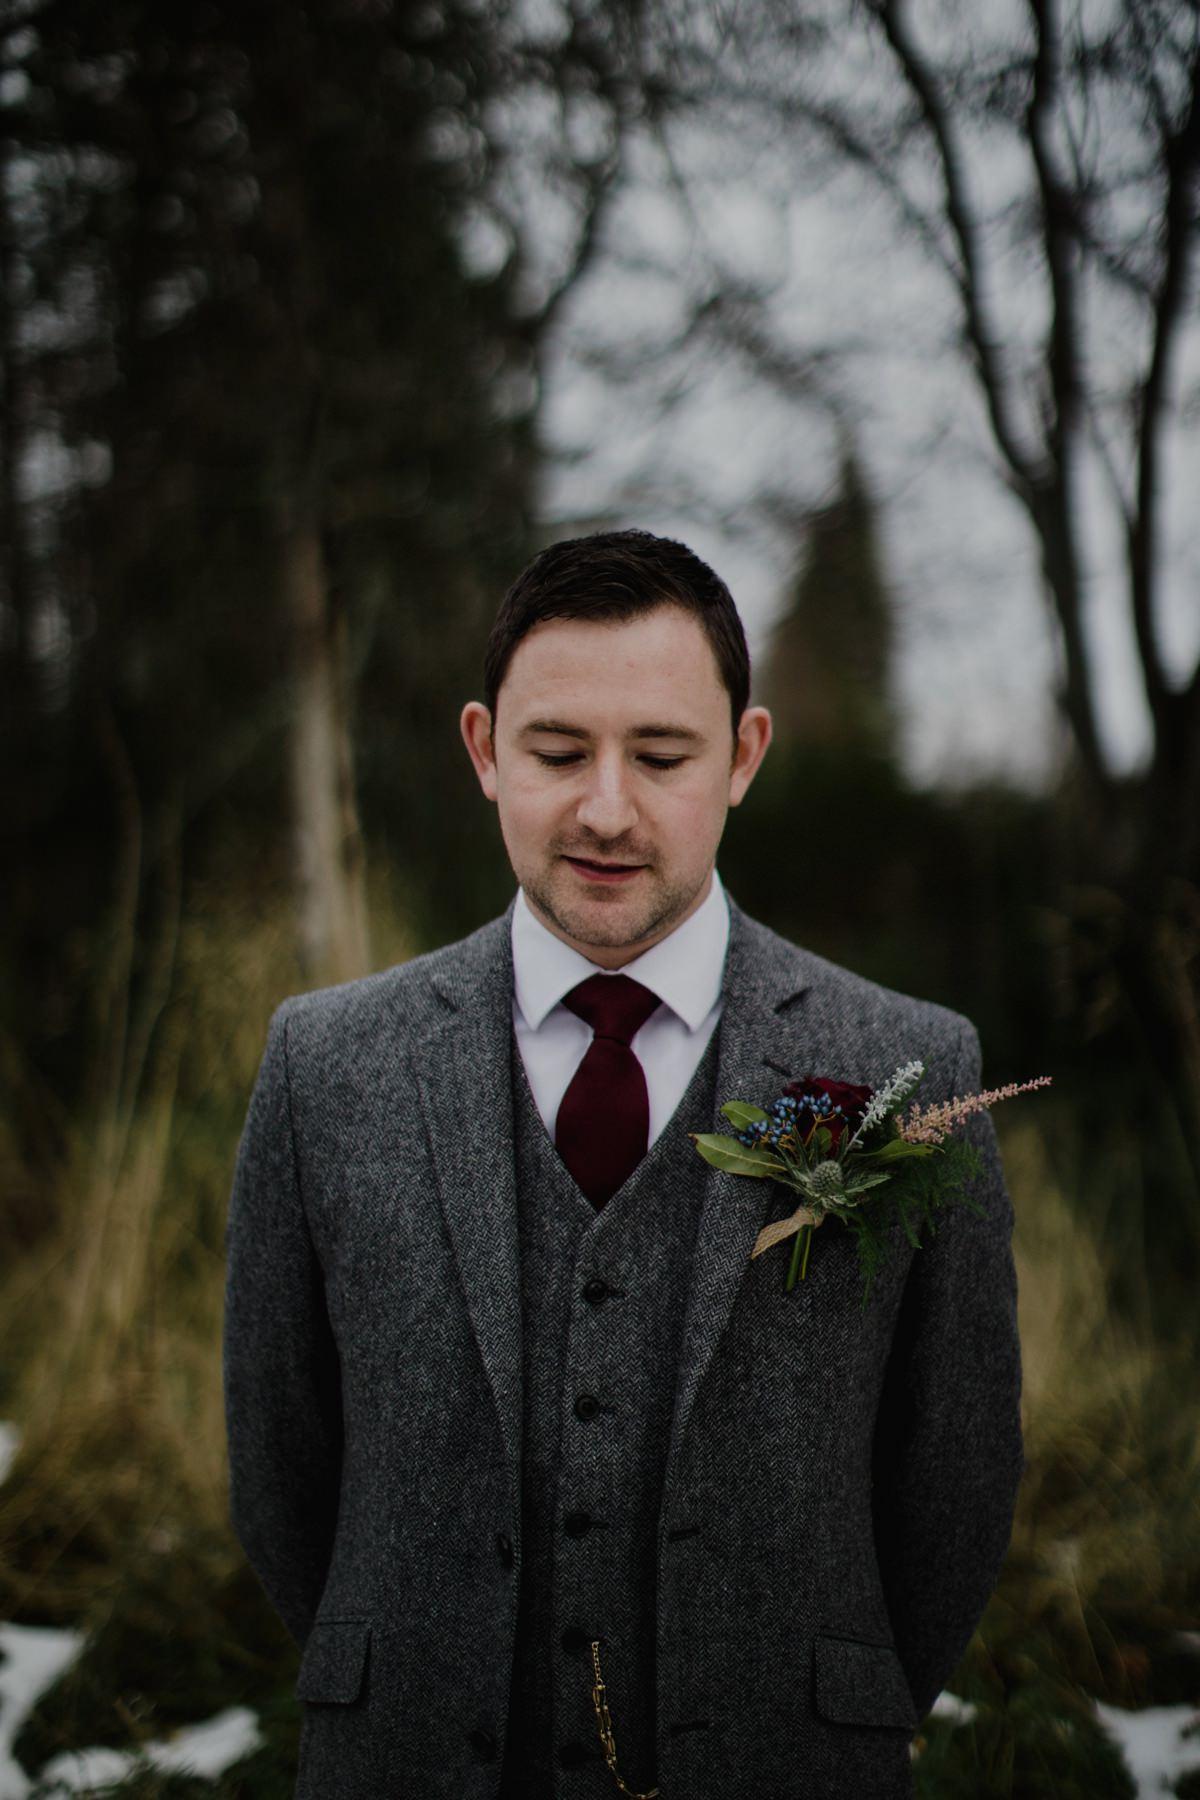 Portrait of Groom outside wearing tweed suit